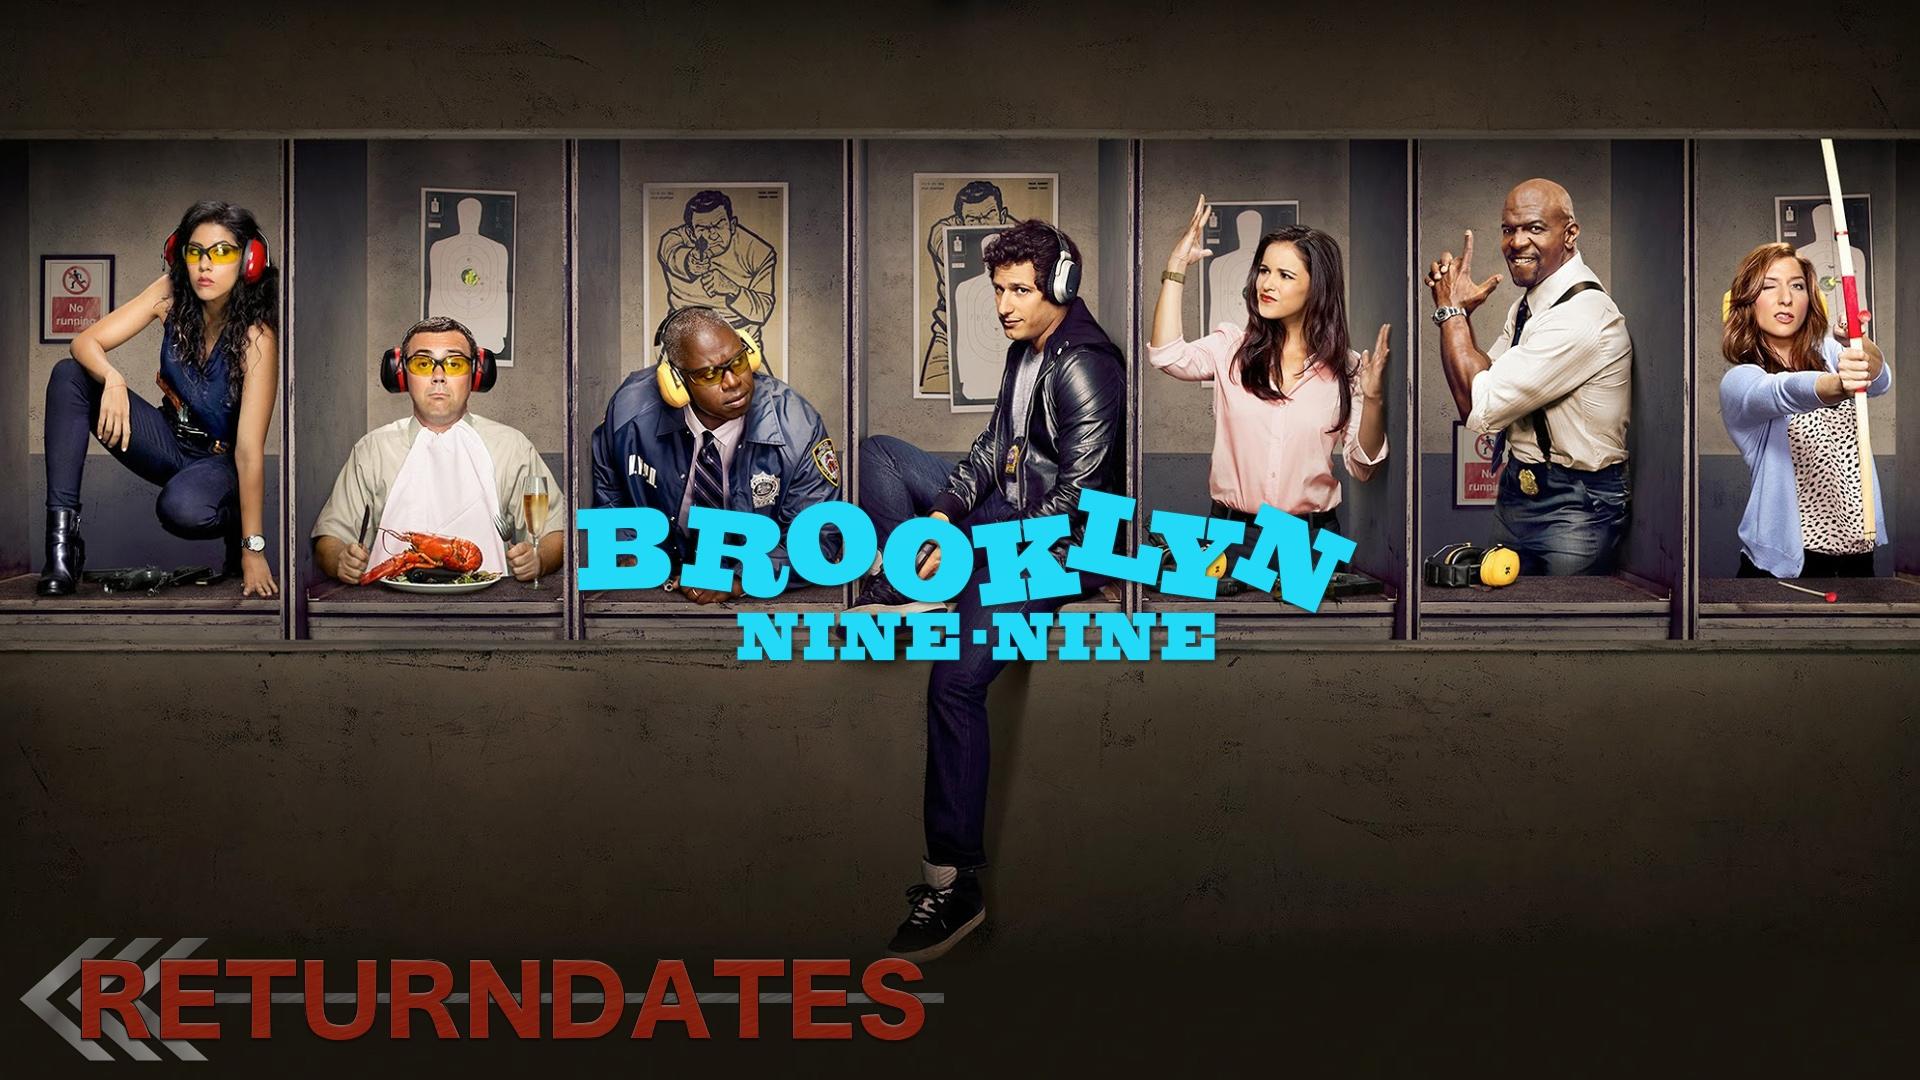 Brooklyn nine nine air dates